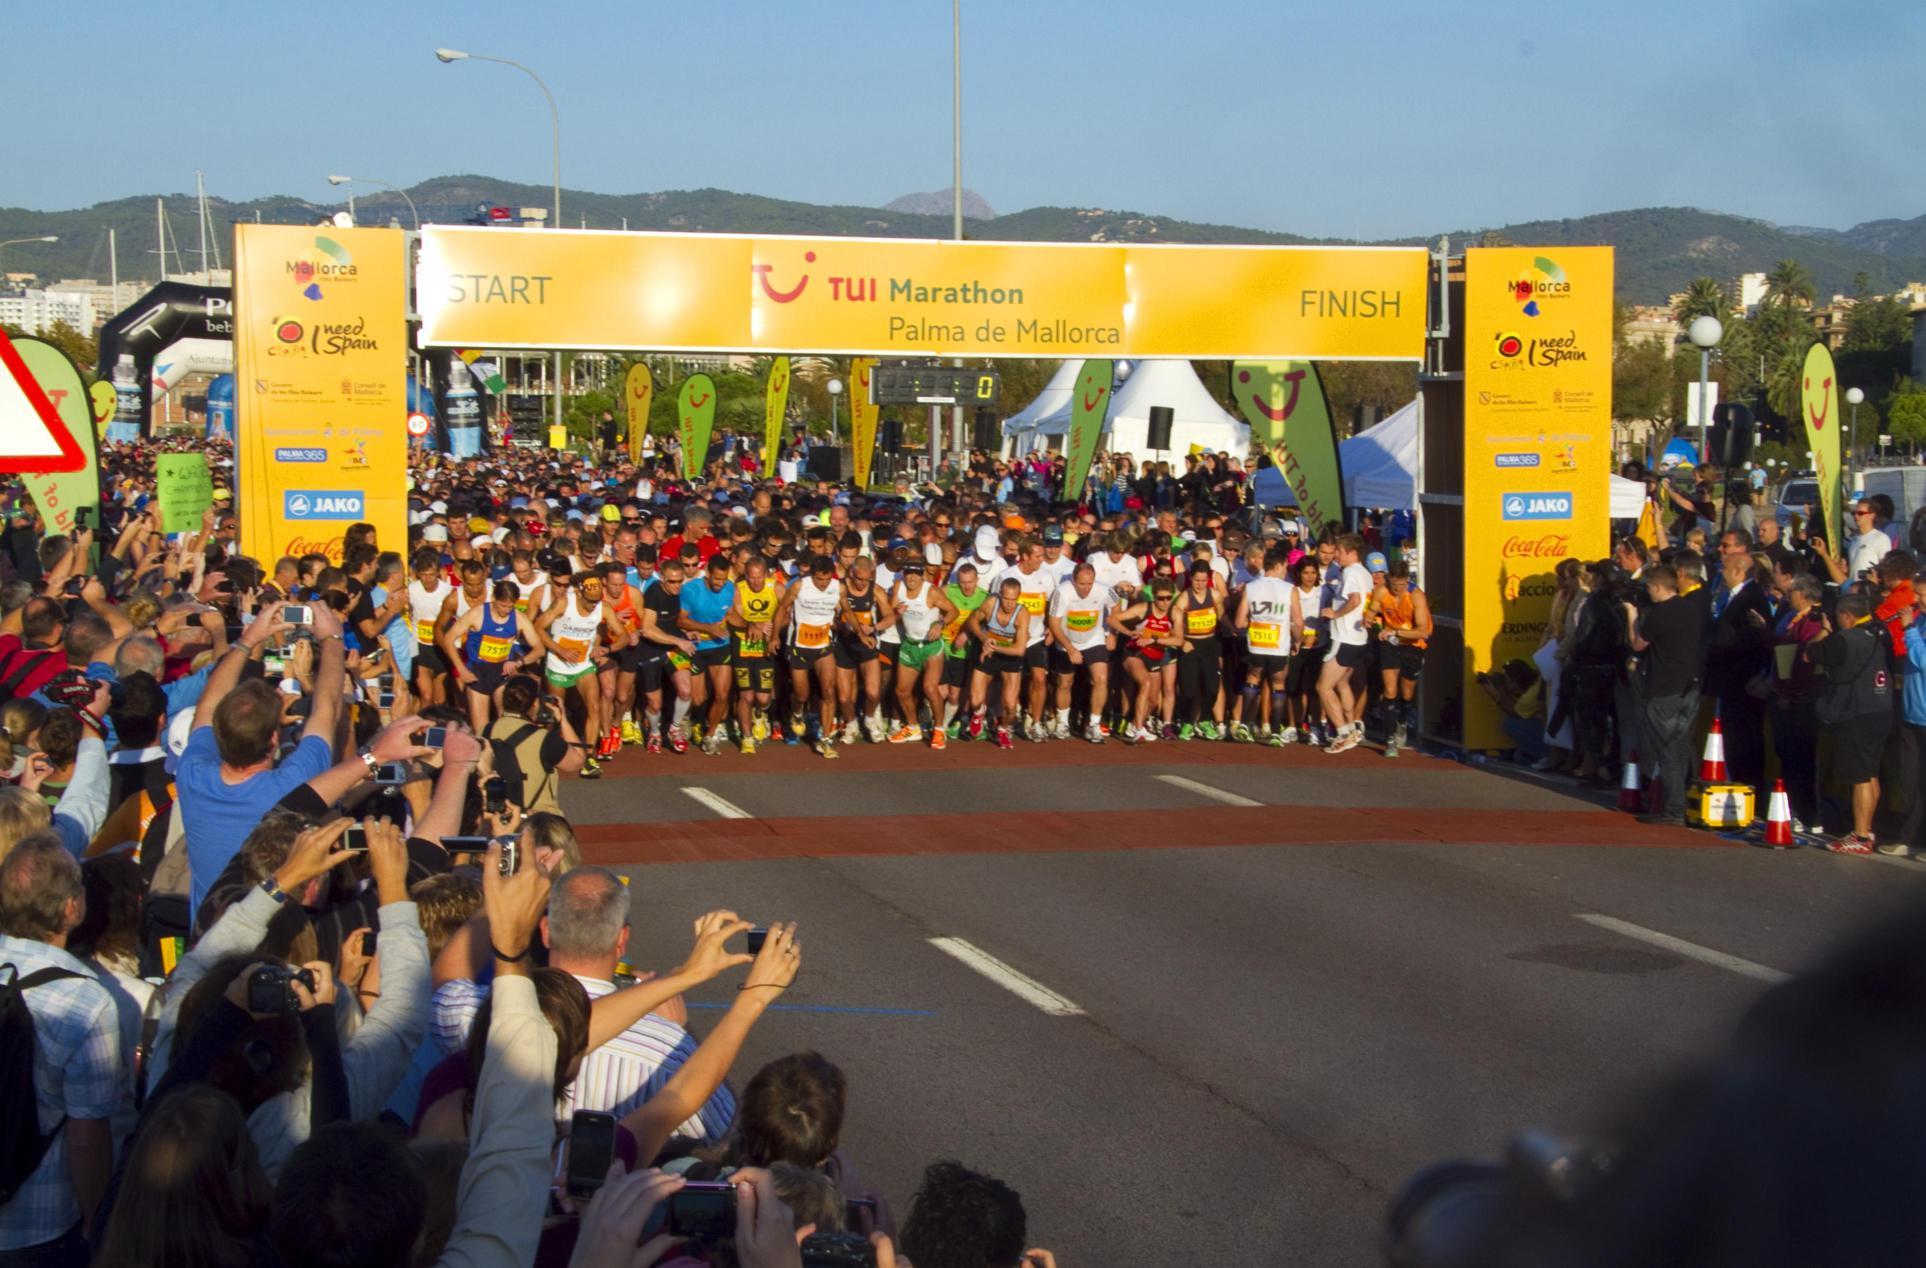 El Palma de Mallorca Marathon aspira reunir a 10.000 corredores en tres carreras